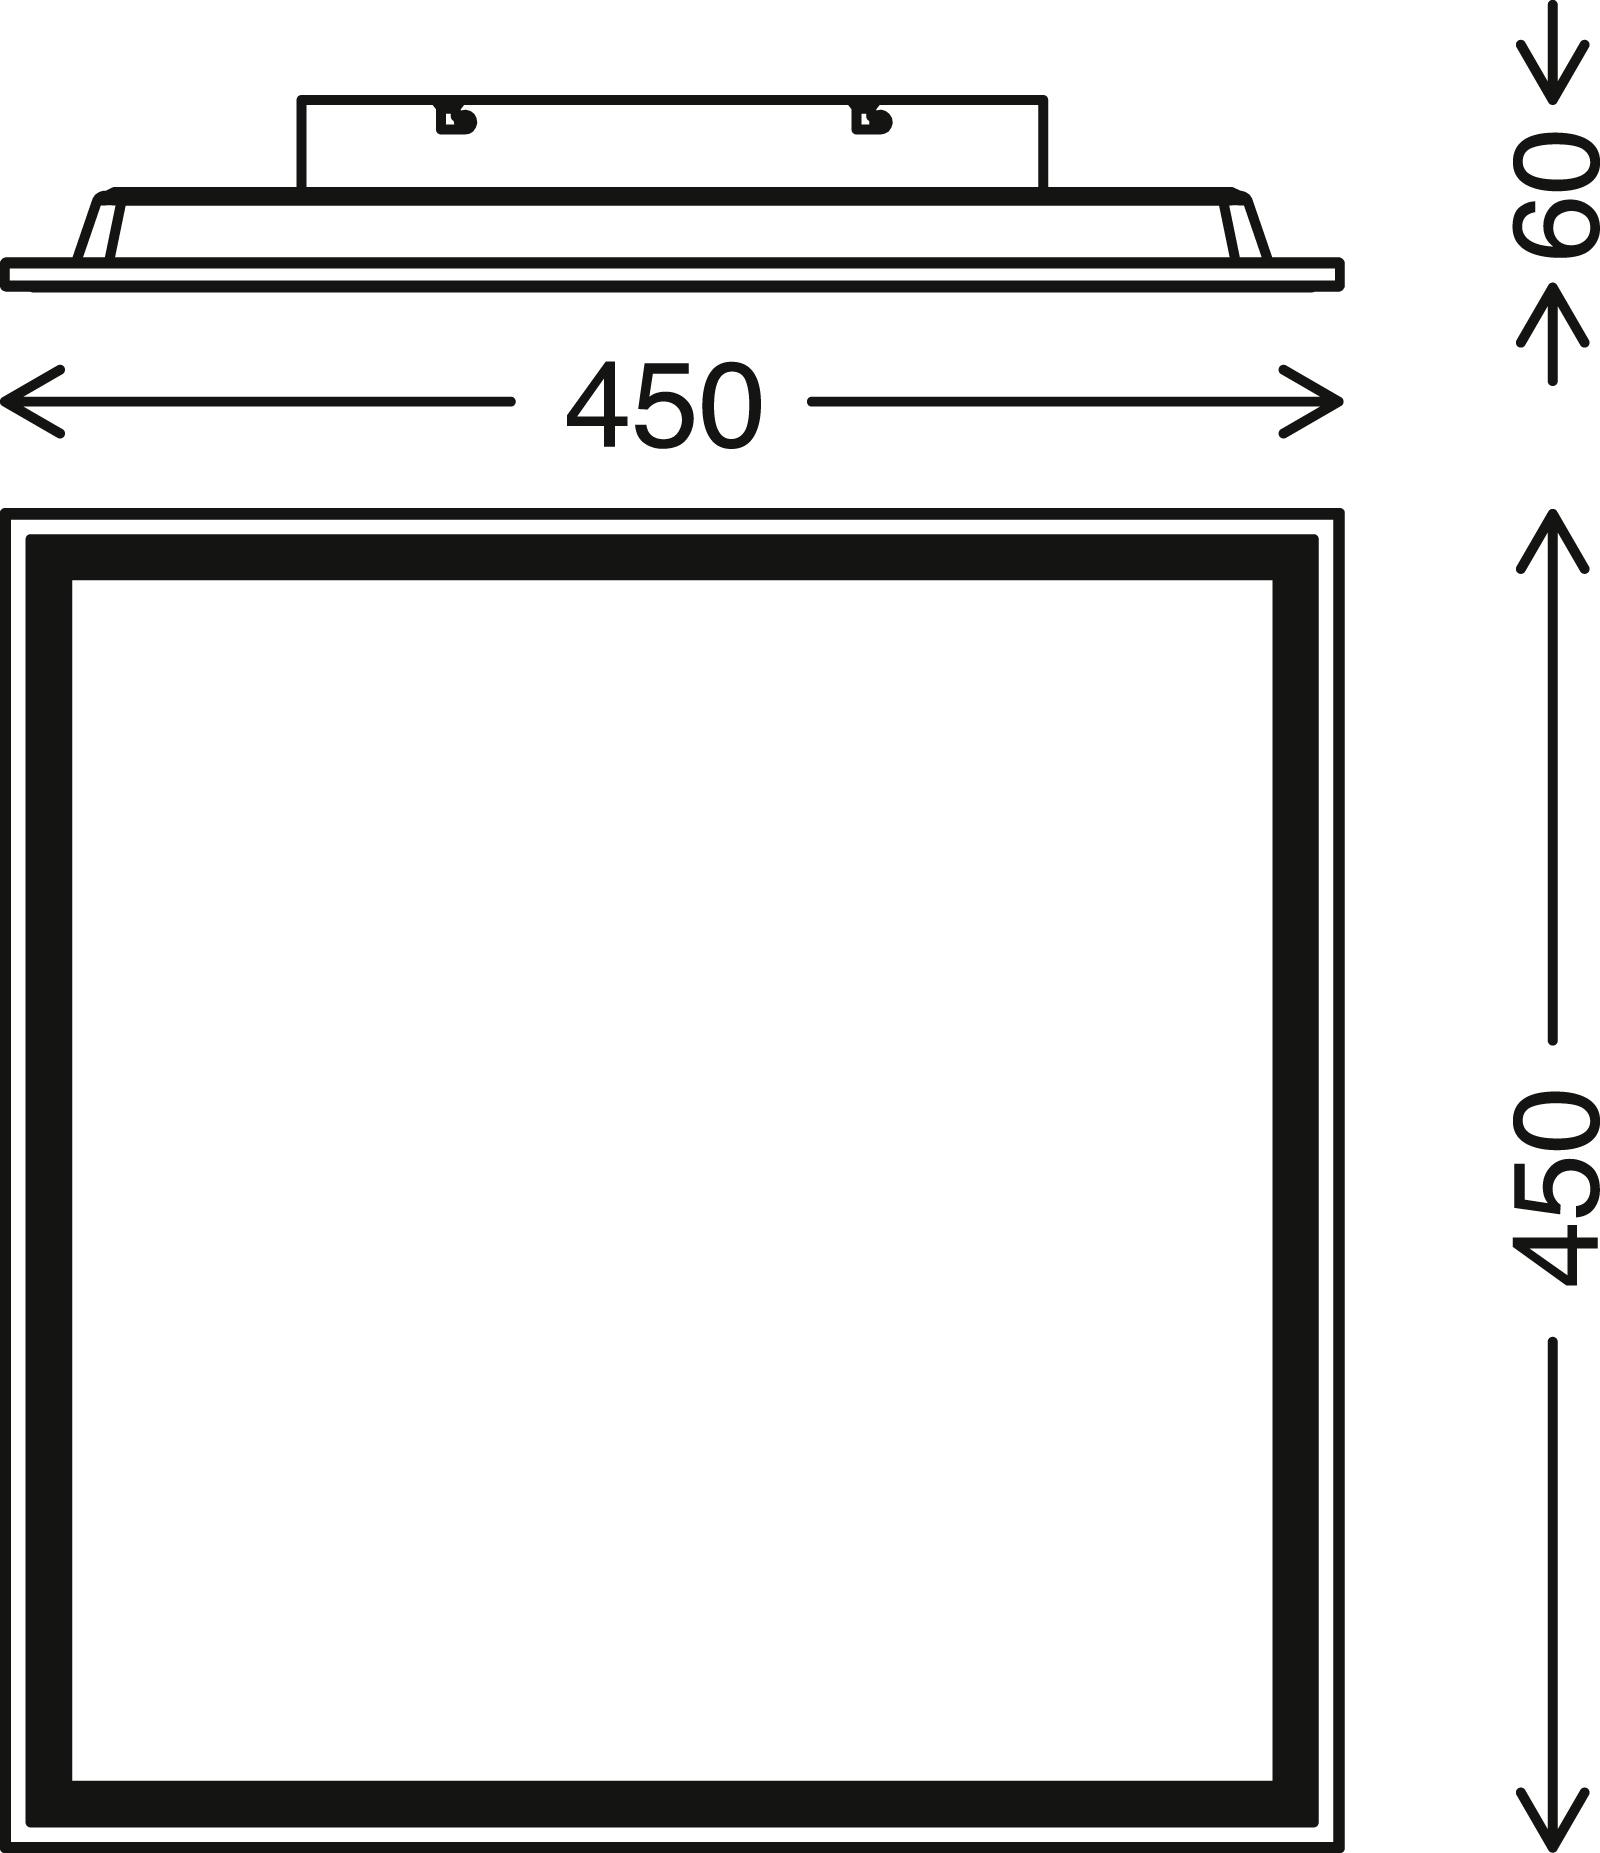 STERNENHIMMEL LED Panel, 45 cm, 2200 LUMEN, 22 WATT, Weiss